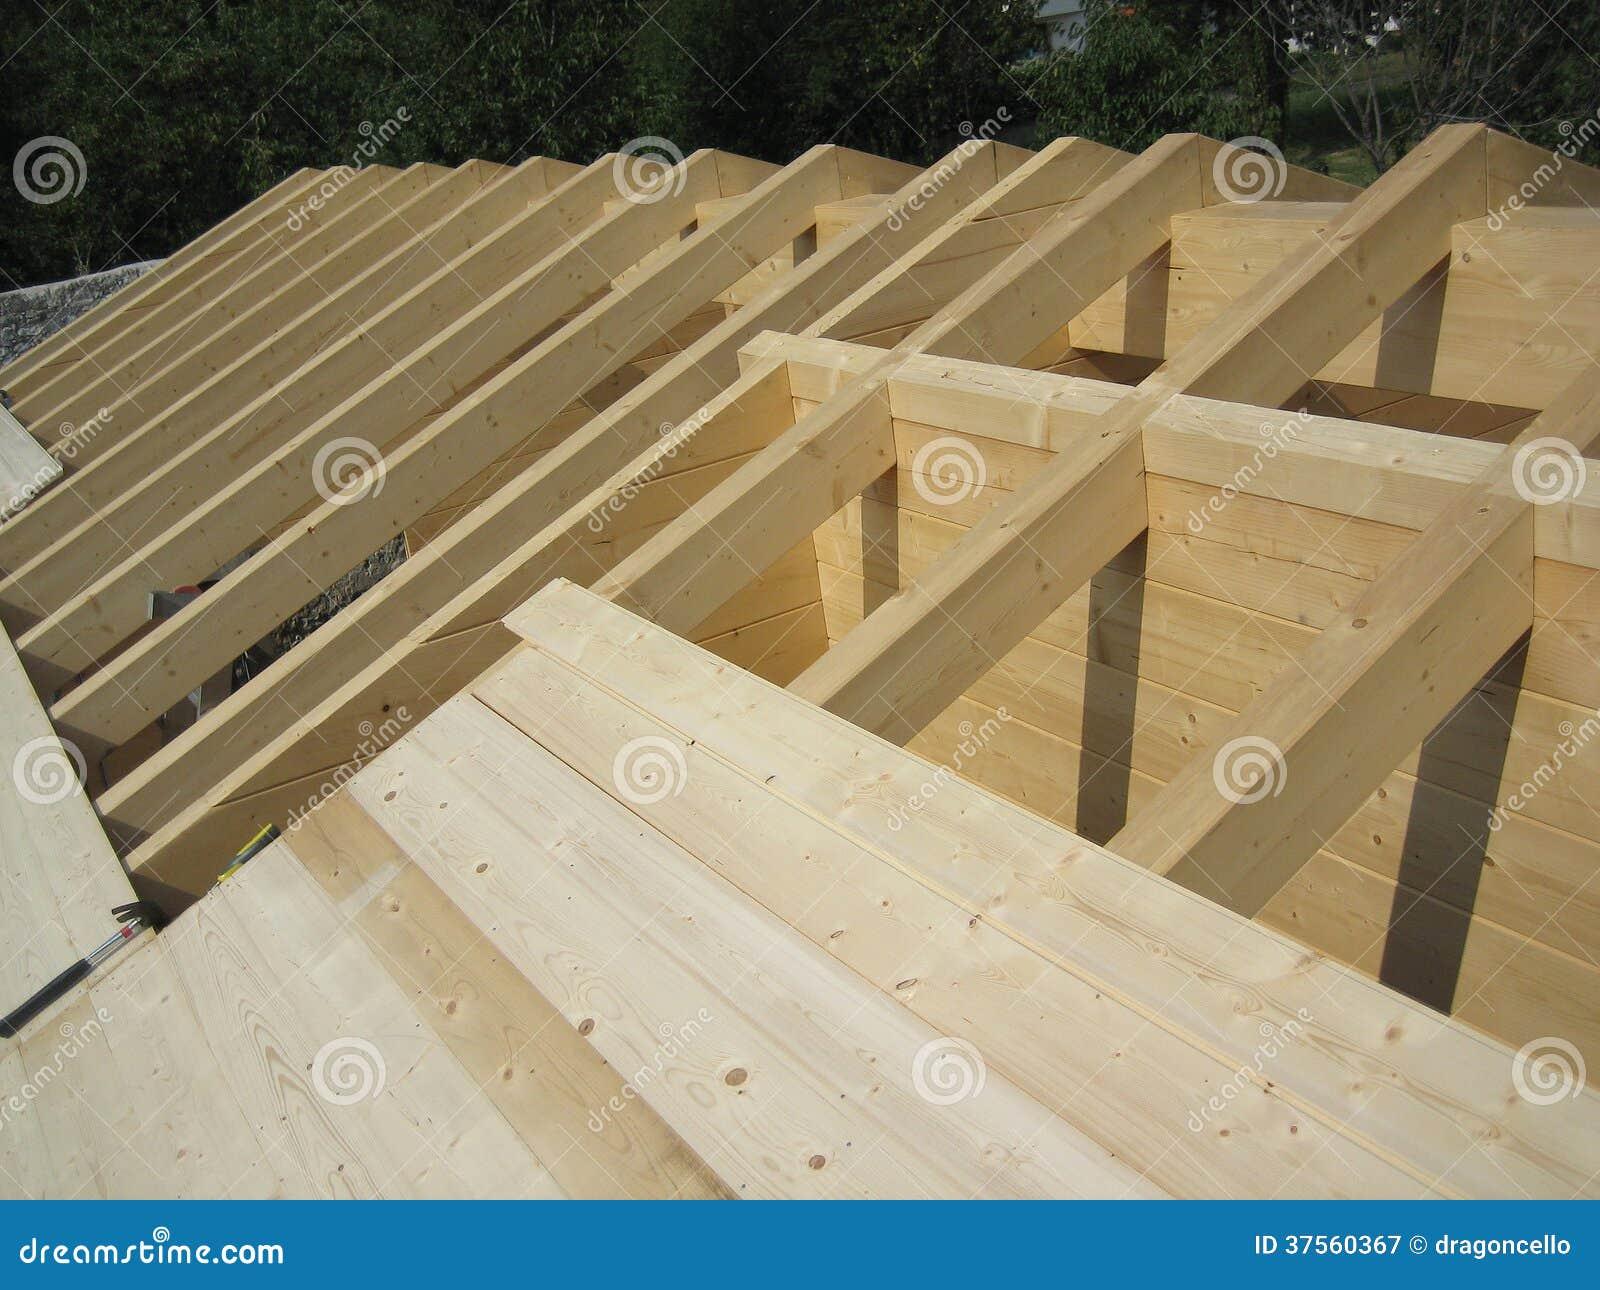 Construcci n de madera del tejado de la casa imagen de - Construccion casas de madera ...